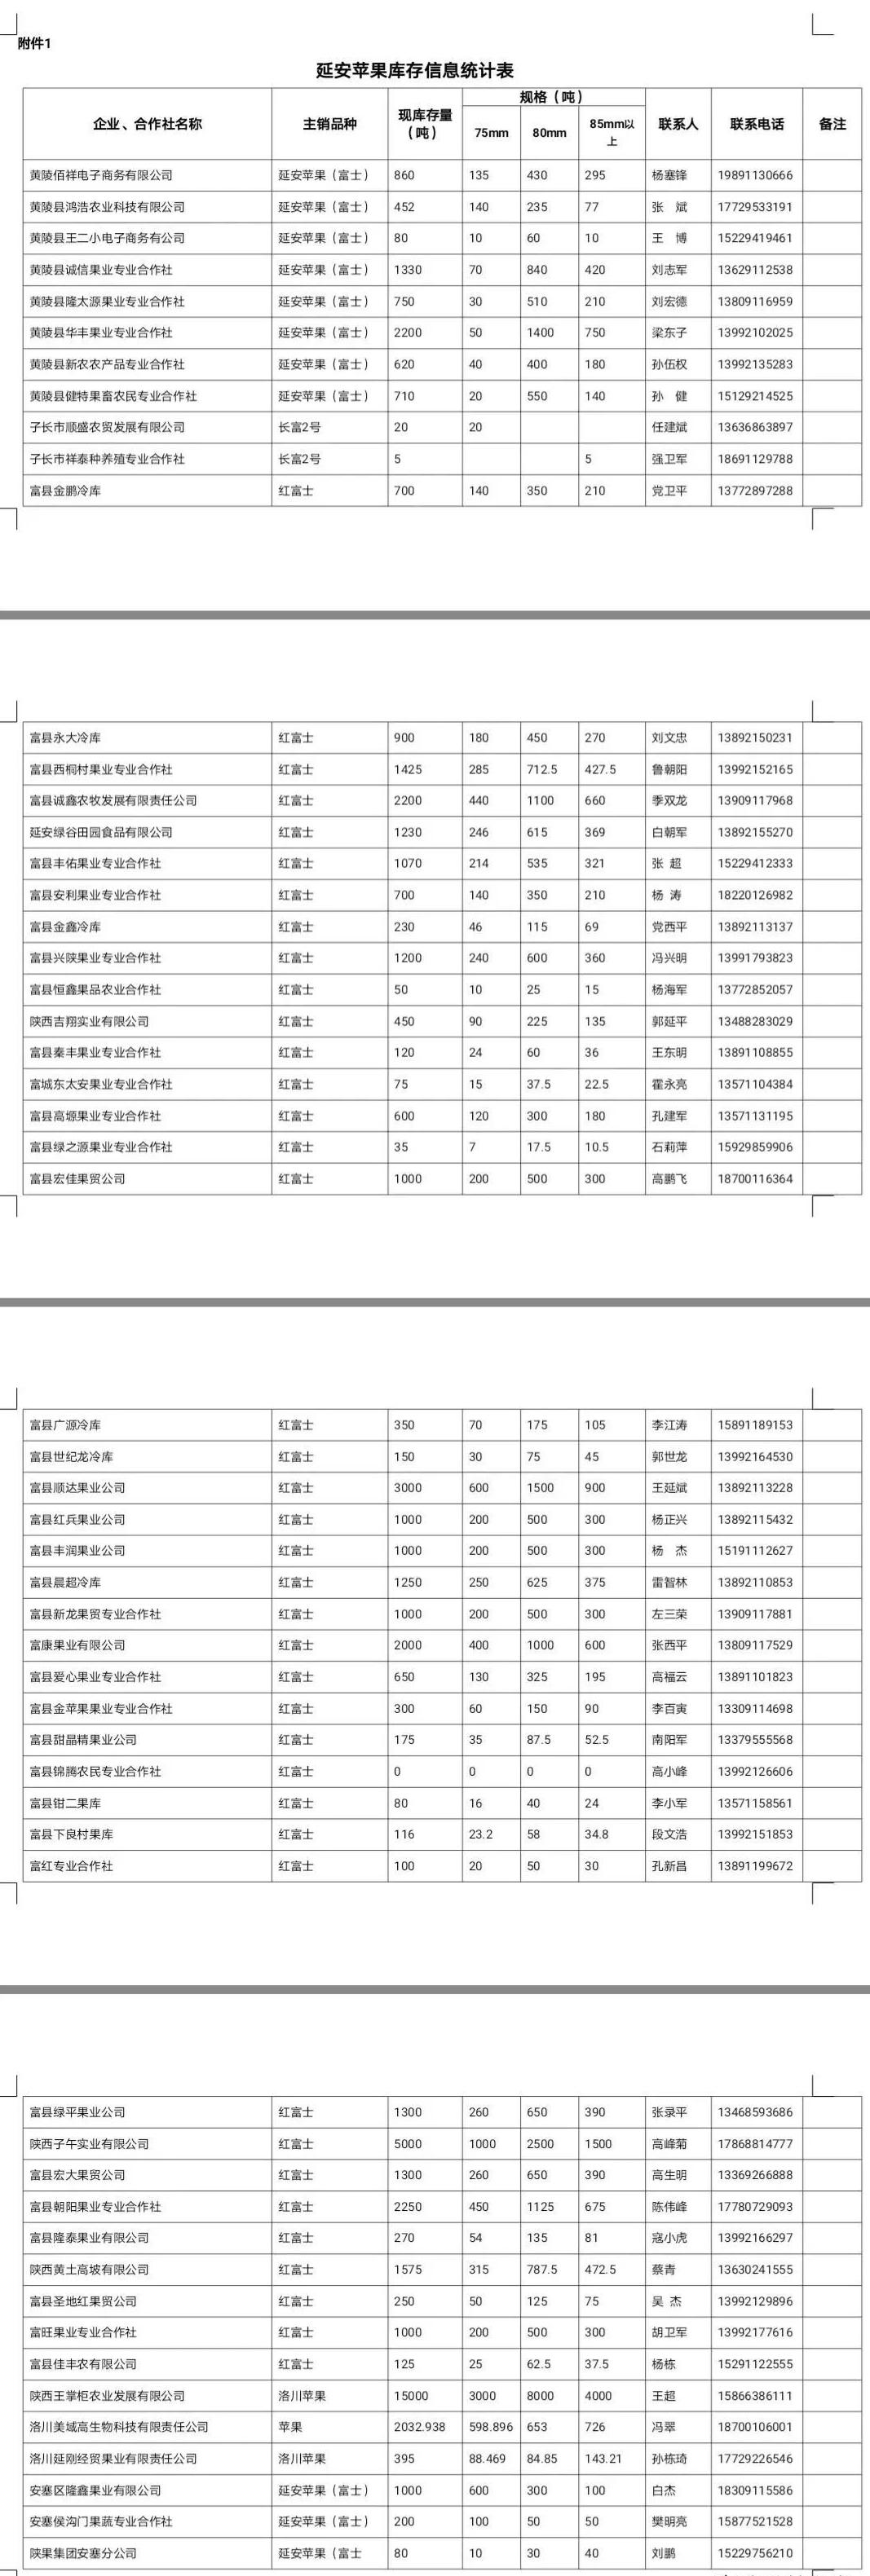 4ec02f0c44456026c96e4acd38c3432d.png